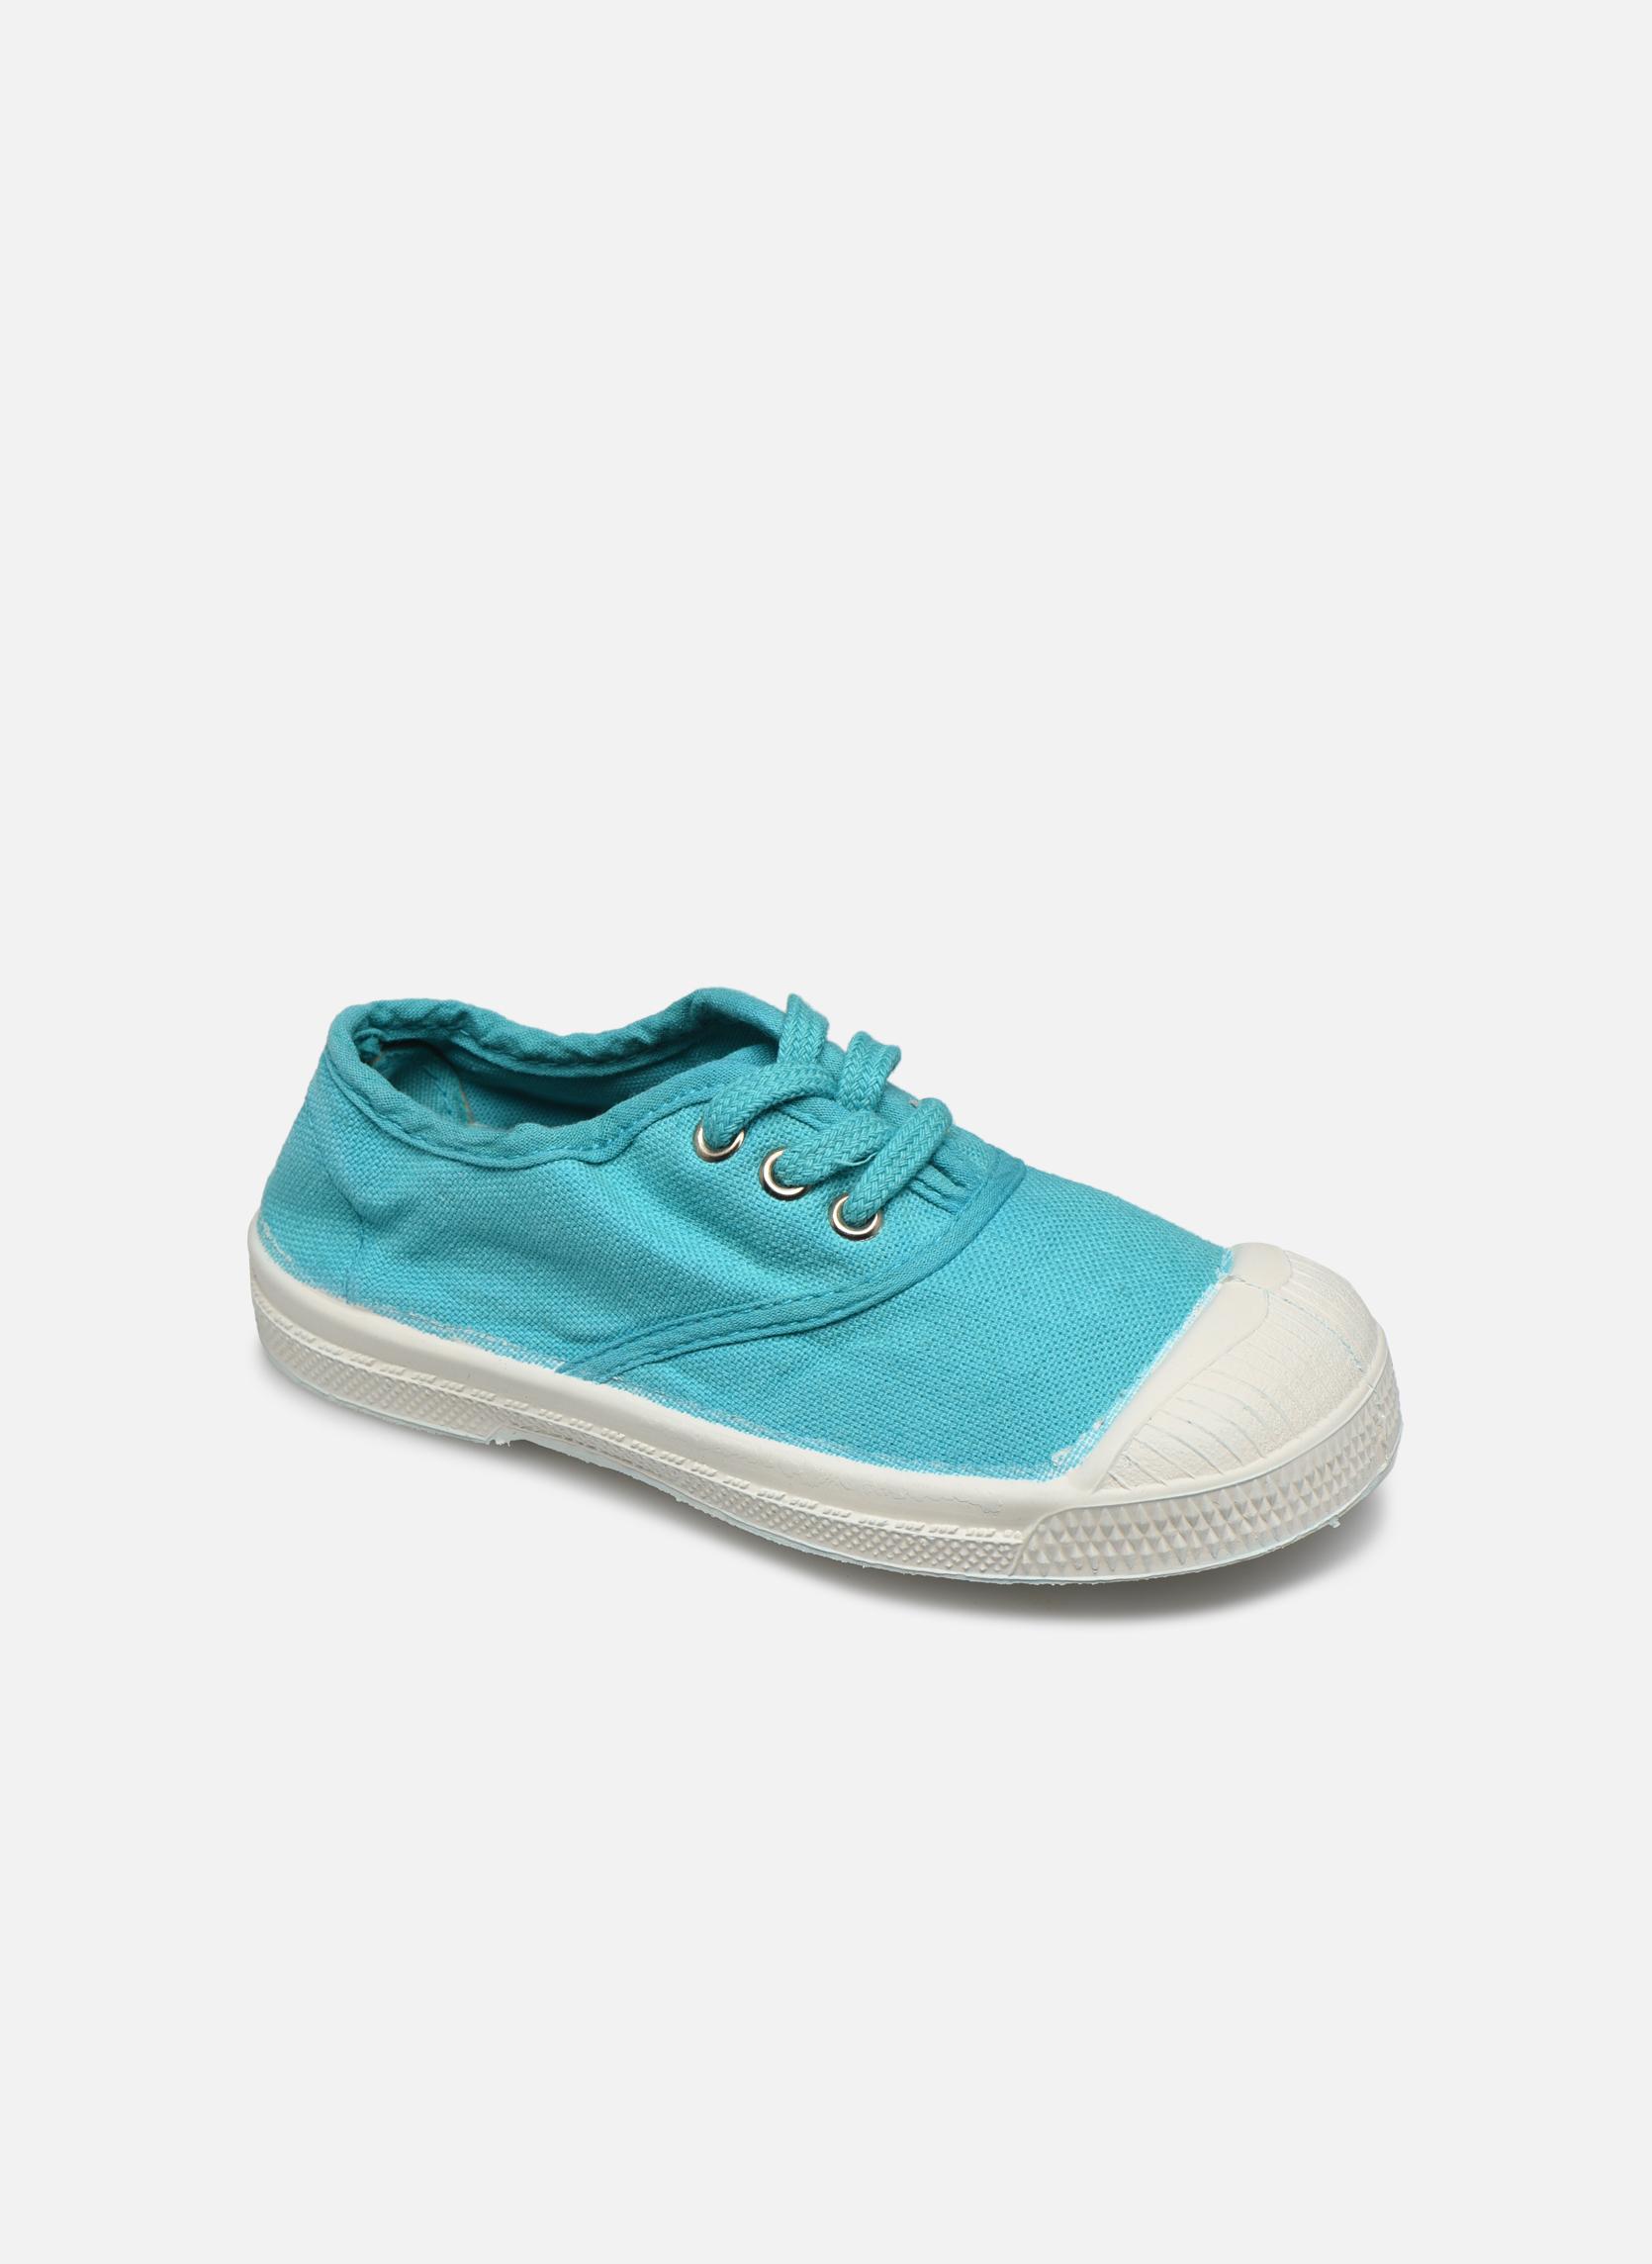 Turquoise 2